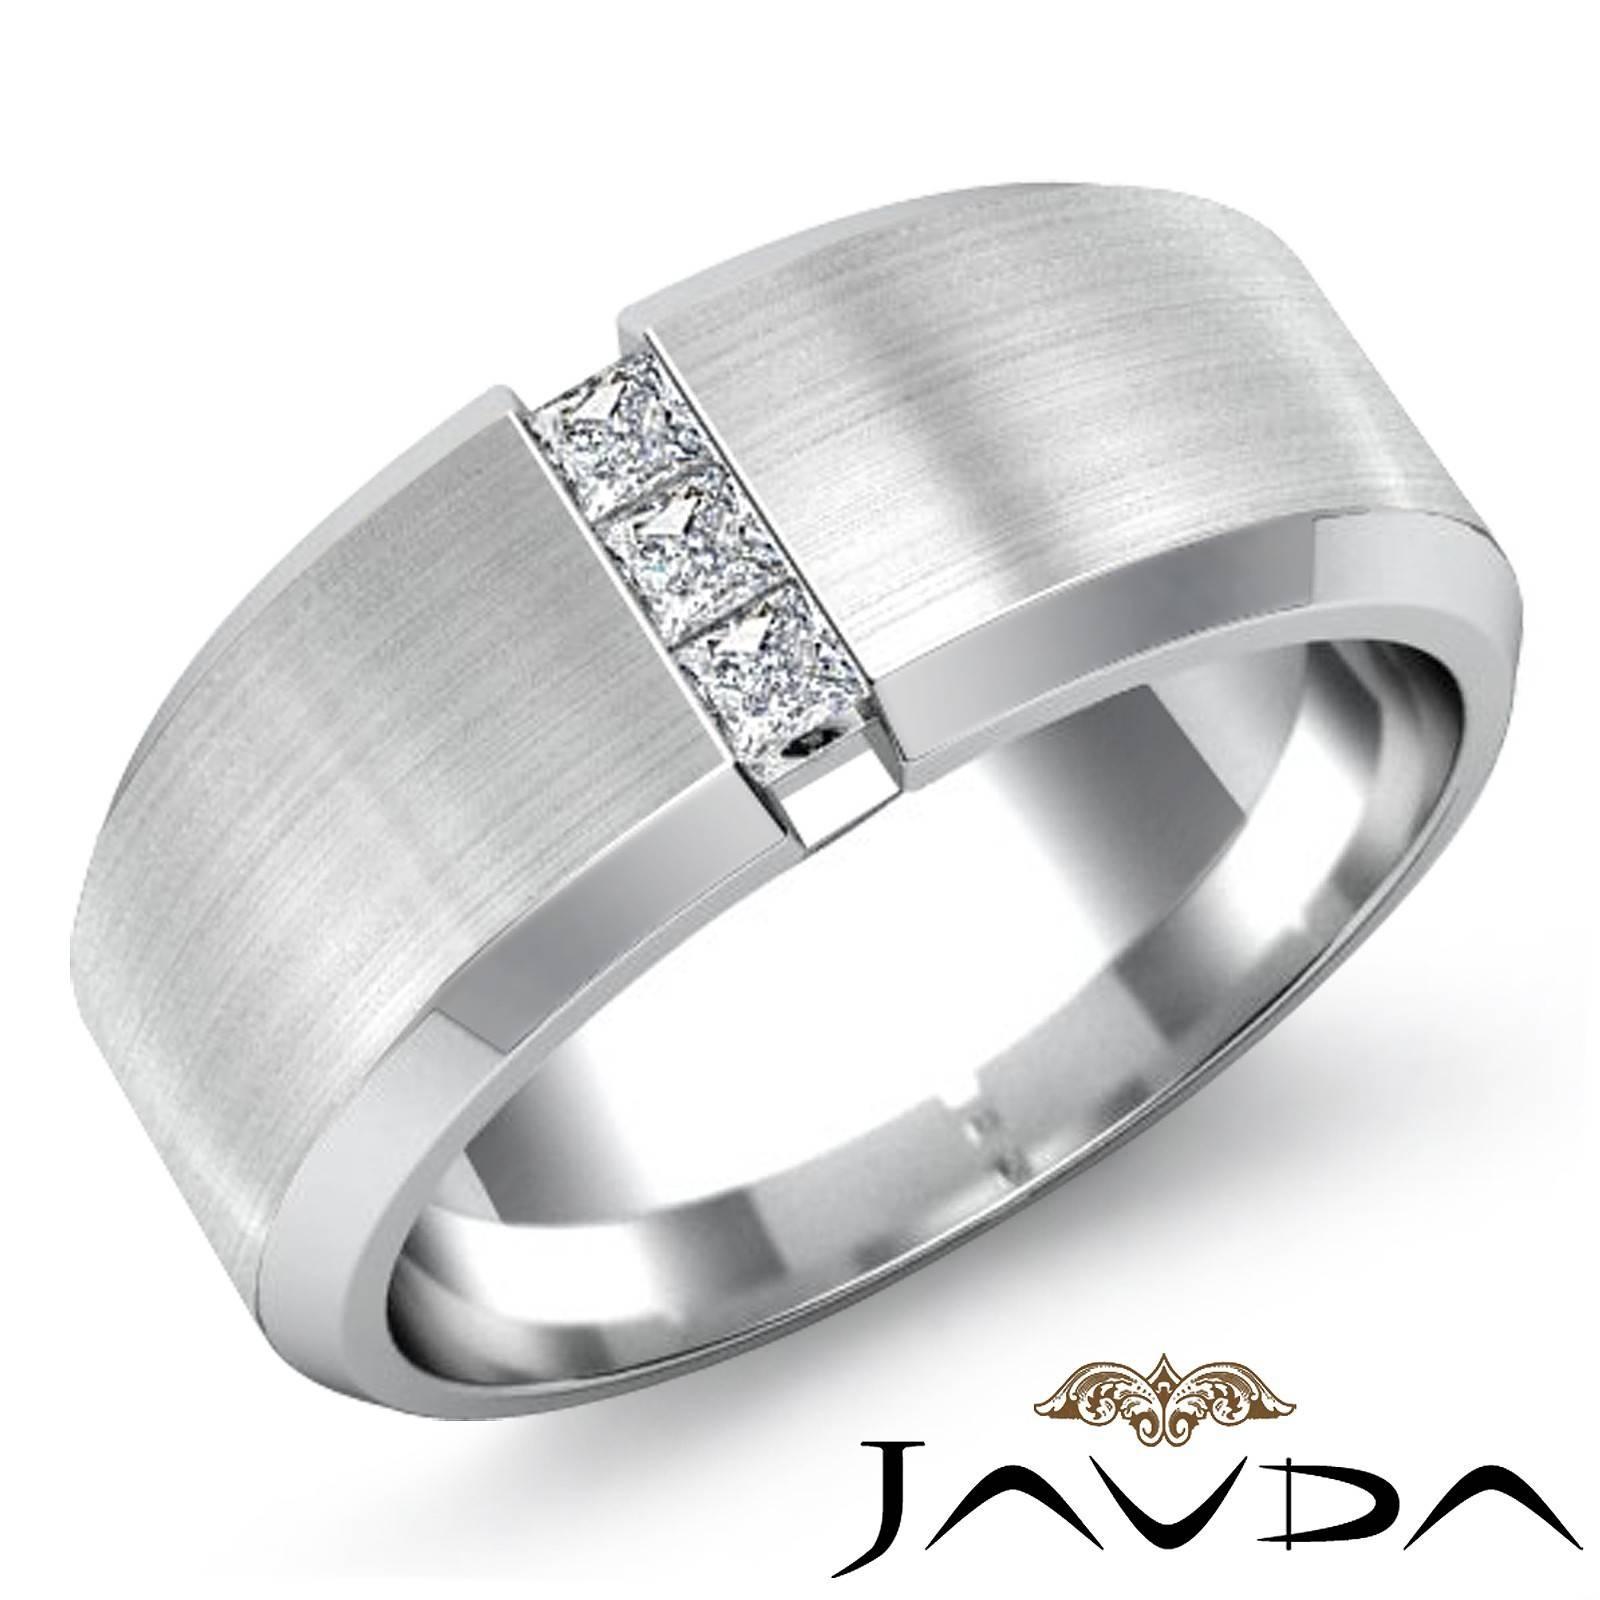 Scottish Wedding Rings For Men Fresh Design Your Own Mens Band